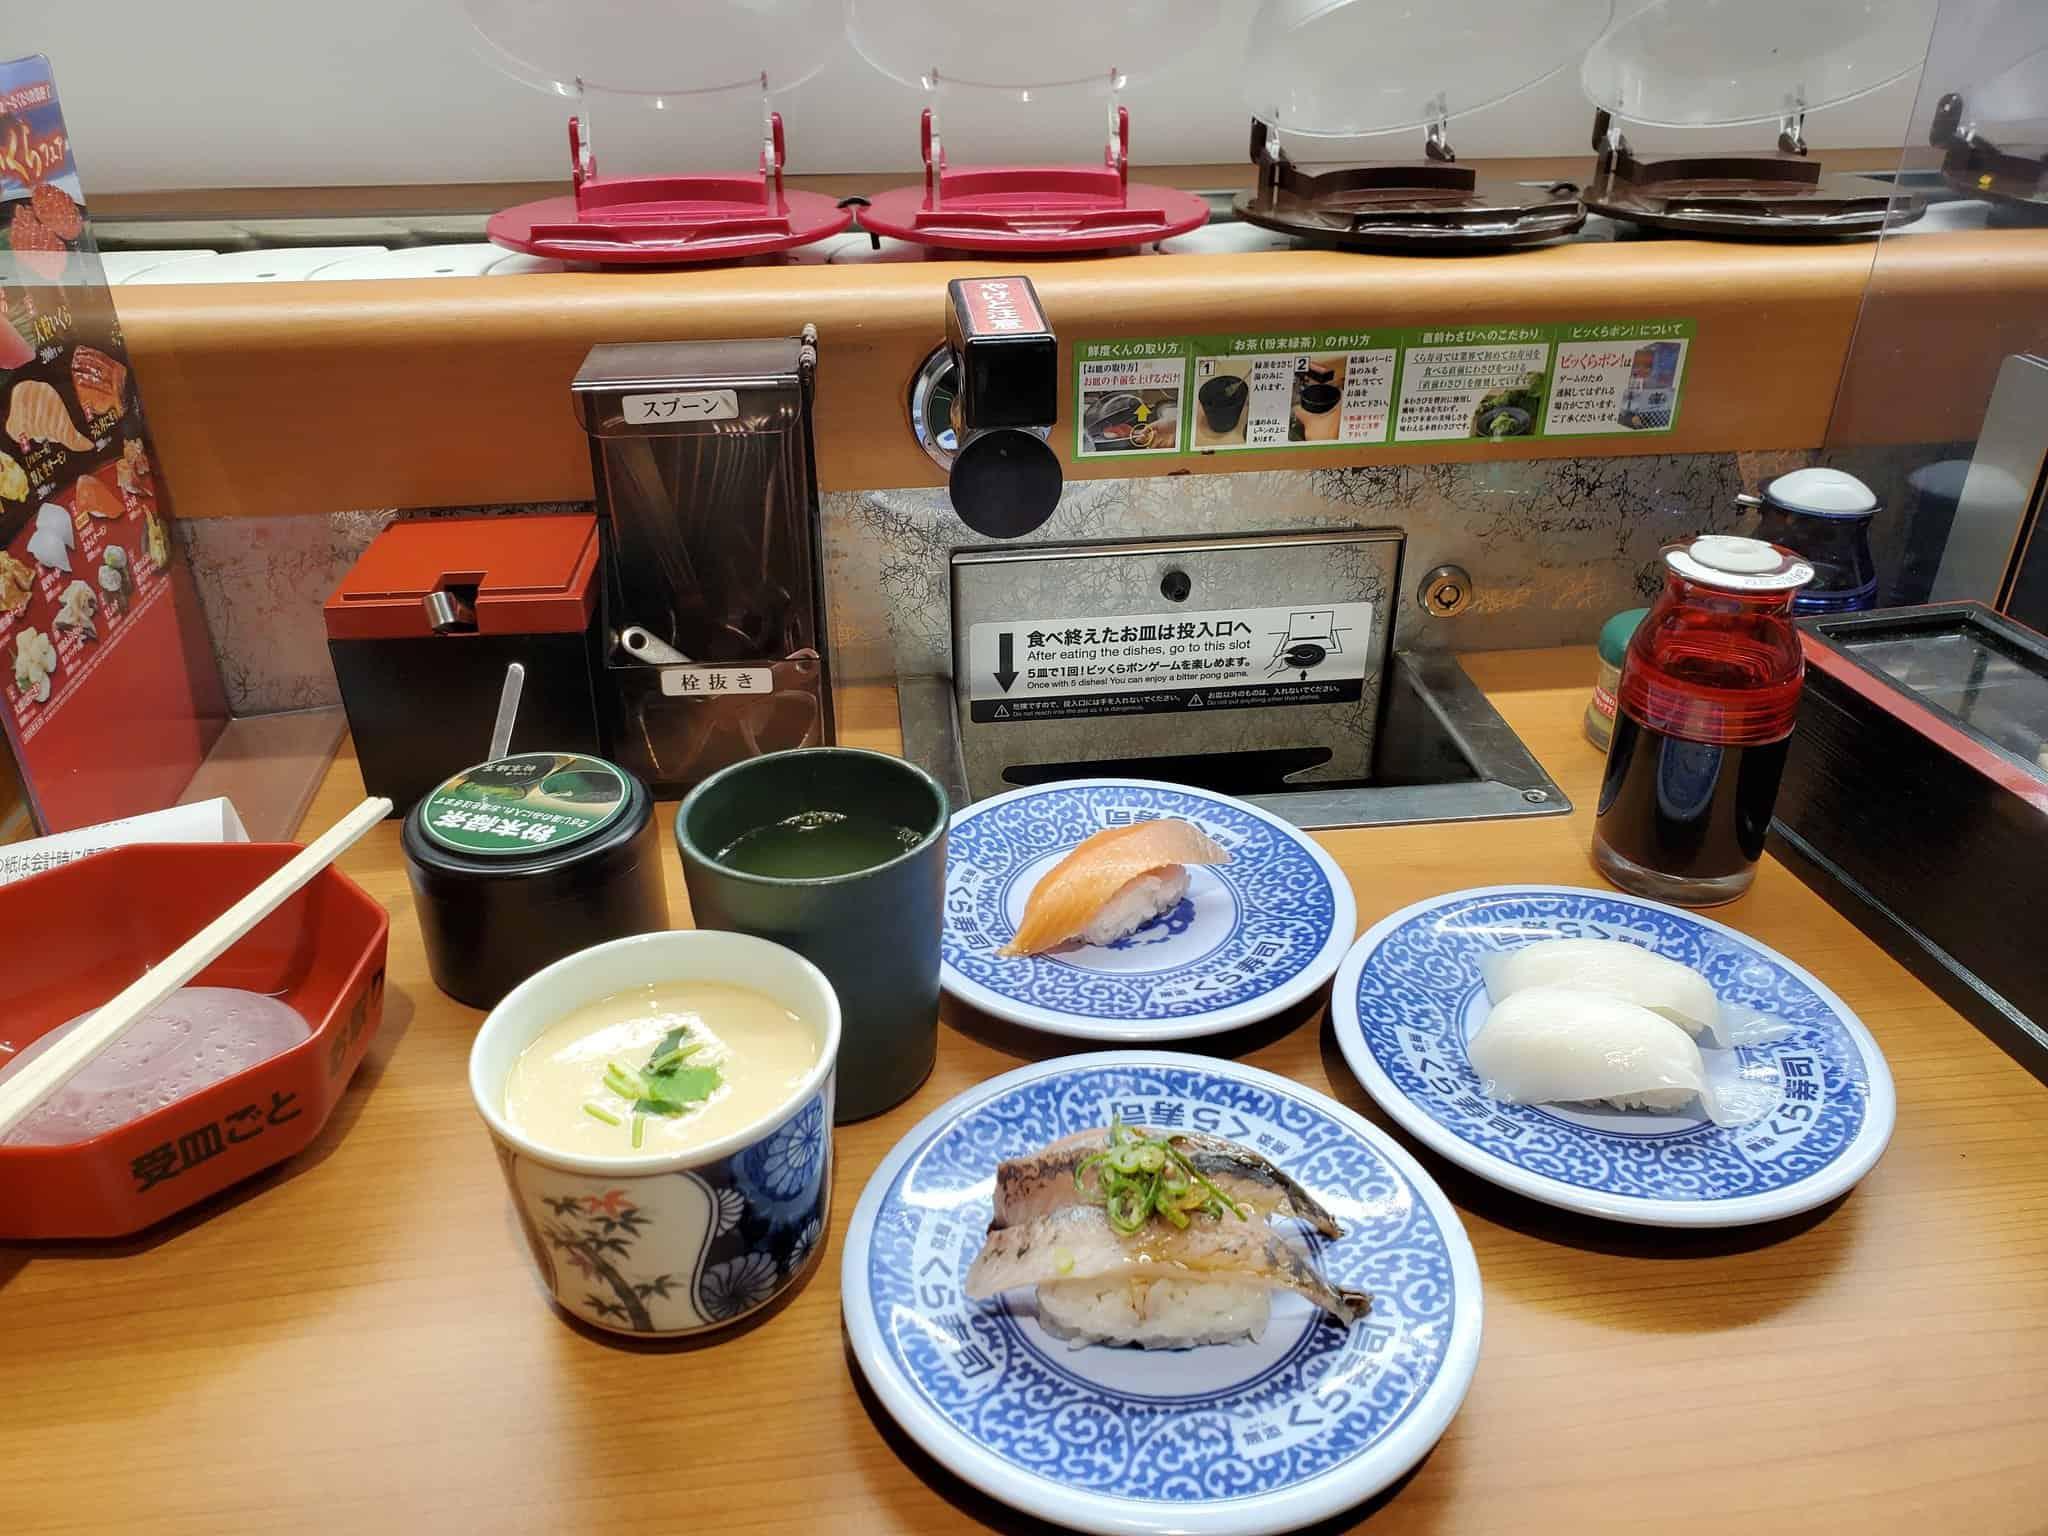 คุระซูชิ (Kura Sushi) เชน ซูชิสายพาน จากจ.โอซาก้า